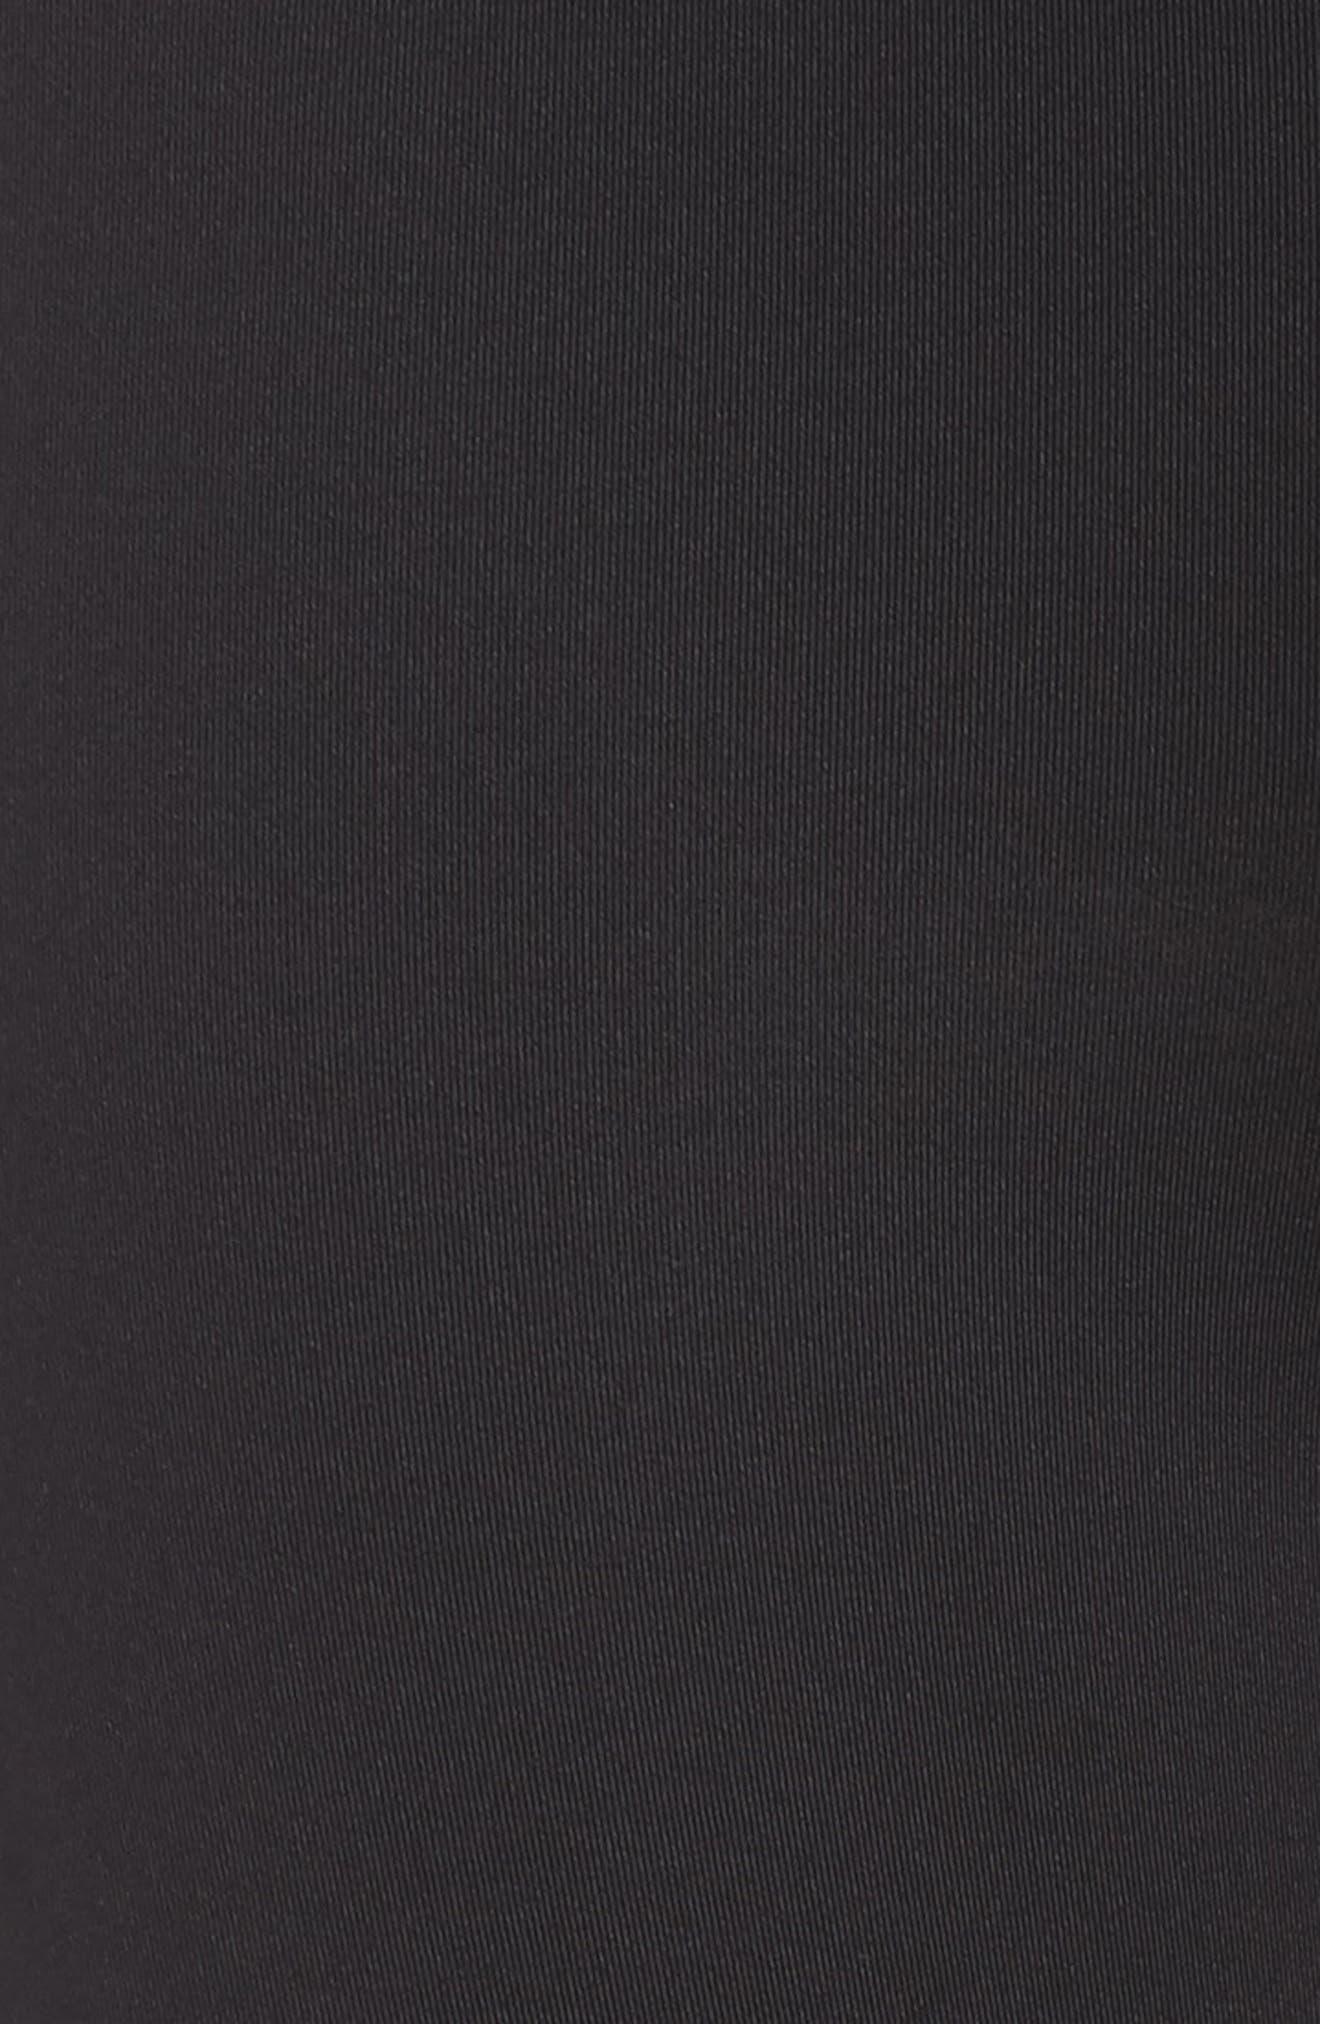 Pro Training Capri Leggings,                             Alternate thumbnail 6, color,                             BLACK/ BLACK/ WHITE